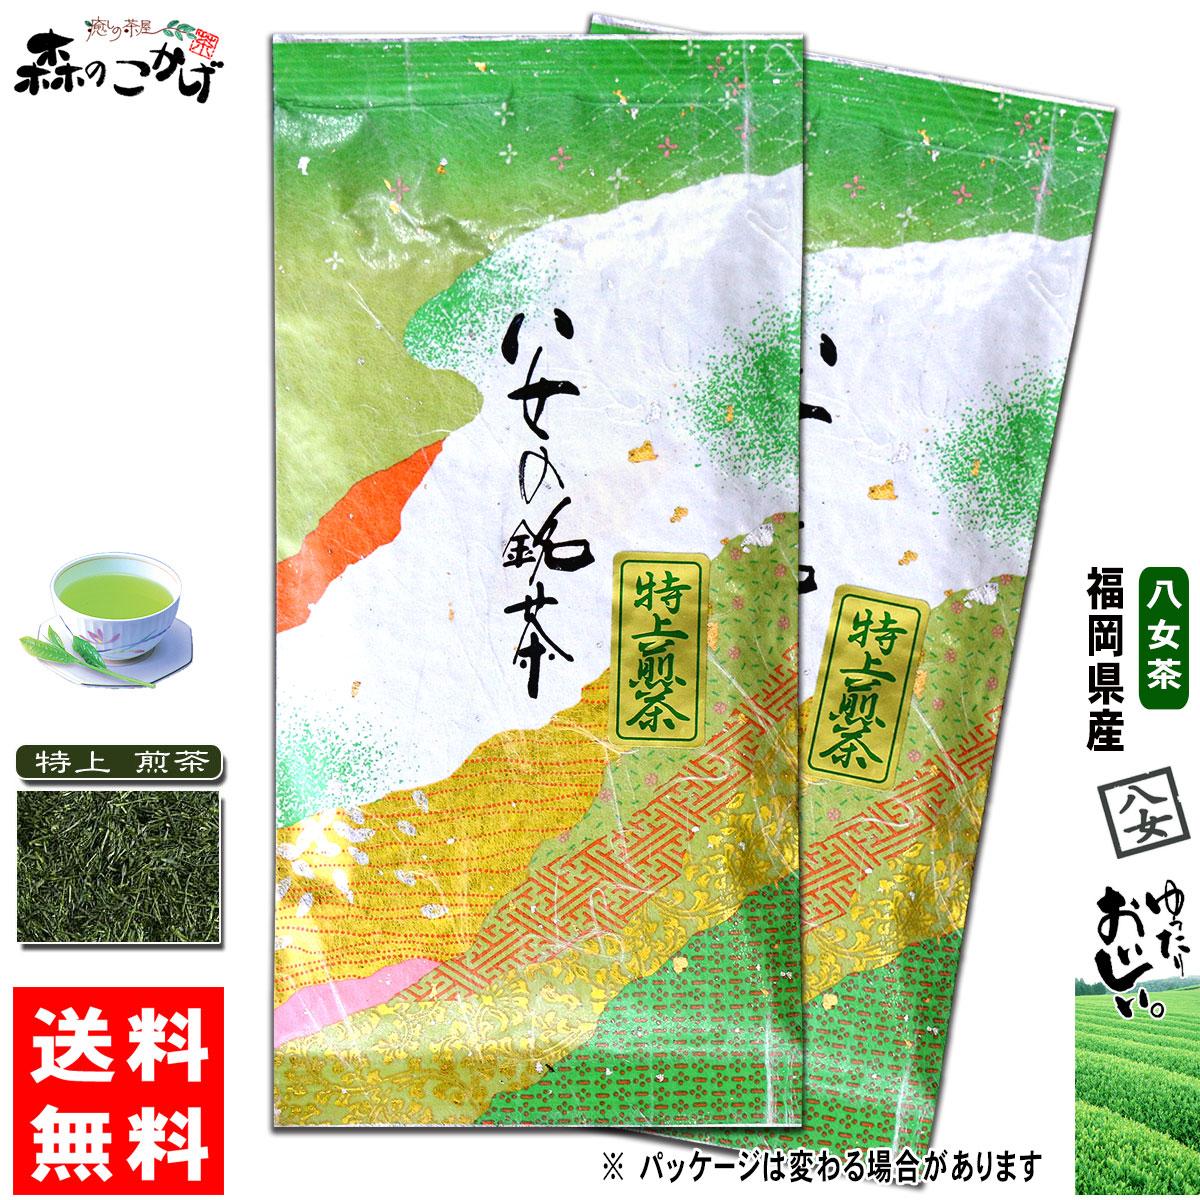 信頼 特上 煎茶 100g×2個セット Y1 送料無料 福岡県 超安い ≪八女茶≫ 健やかハウス 緑茶 やめちゃ 森のこかげ せんちゃ とくじょう 茶葉